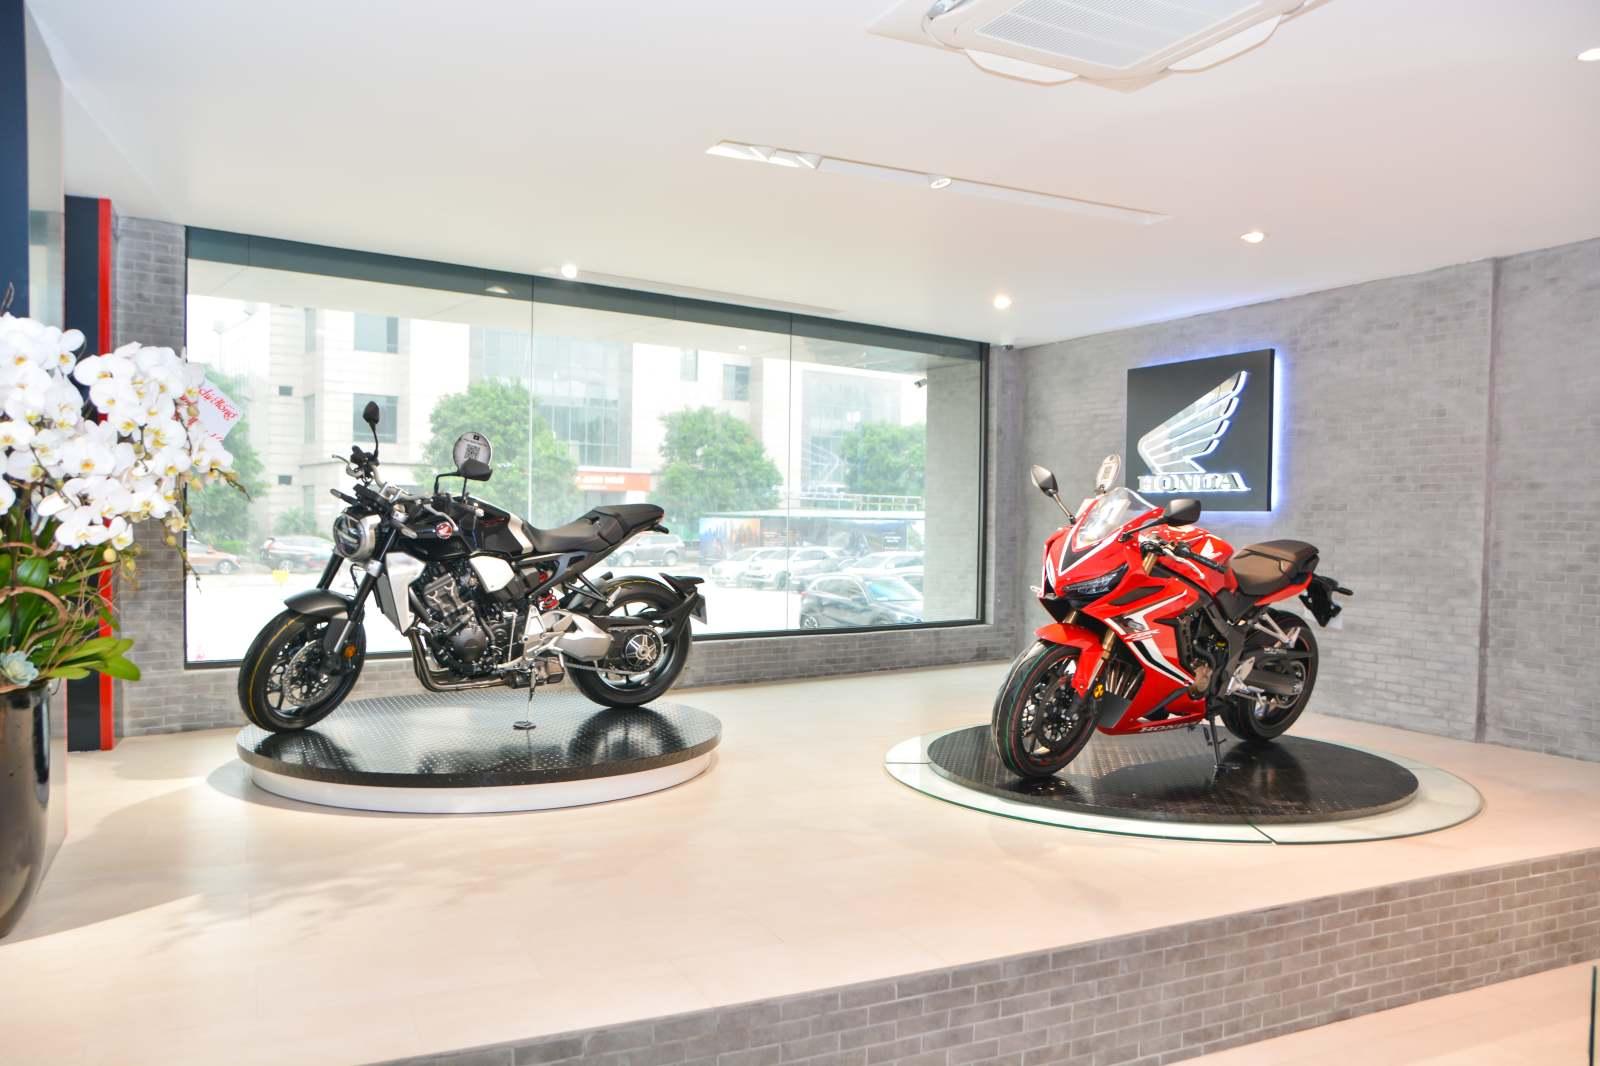 Honda khai trương cửa hàng xe phân khối lớn đầu tiên tại Hà Nội - 09